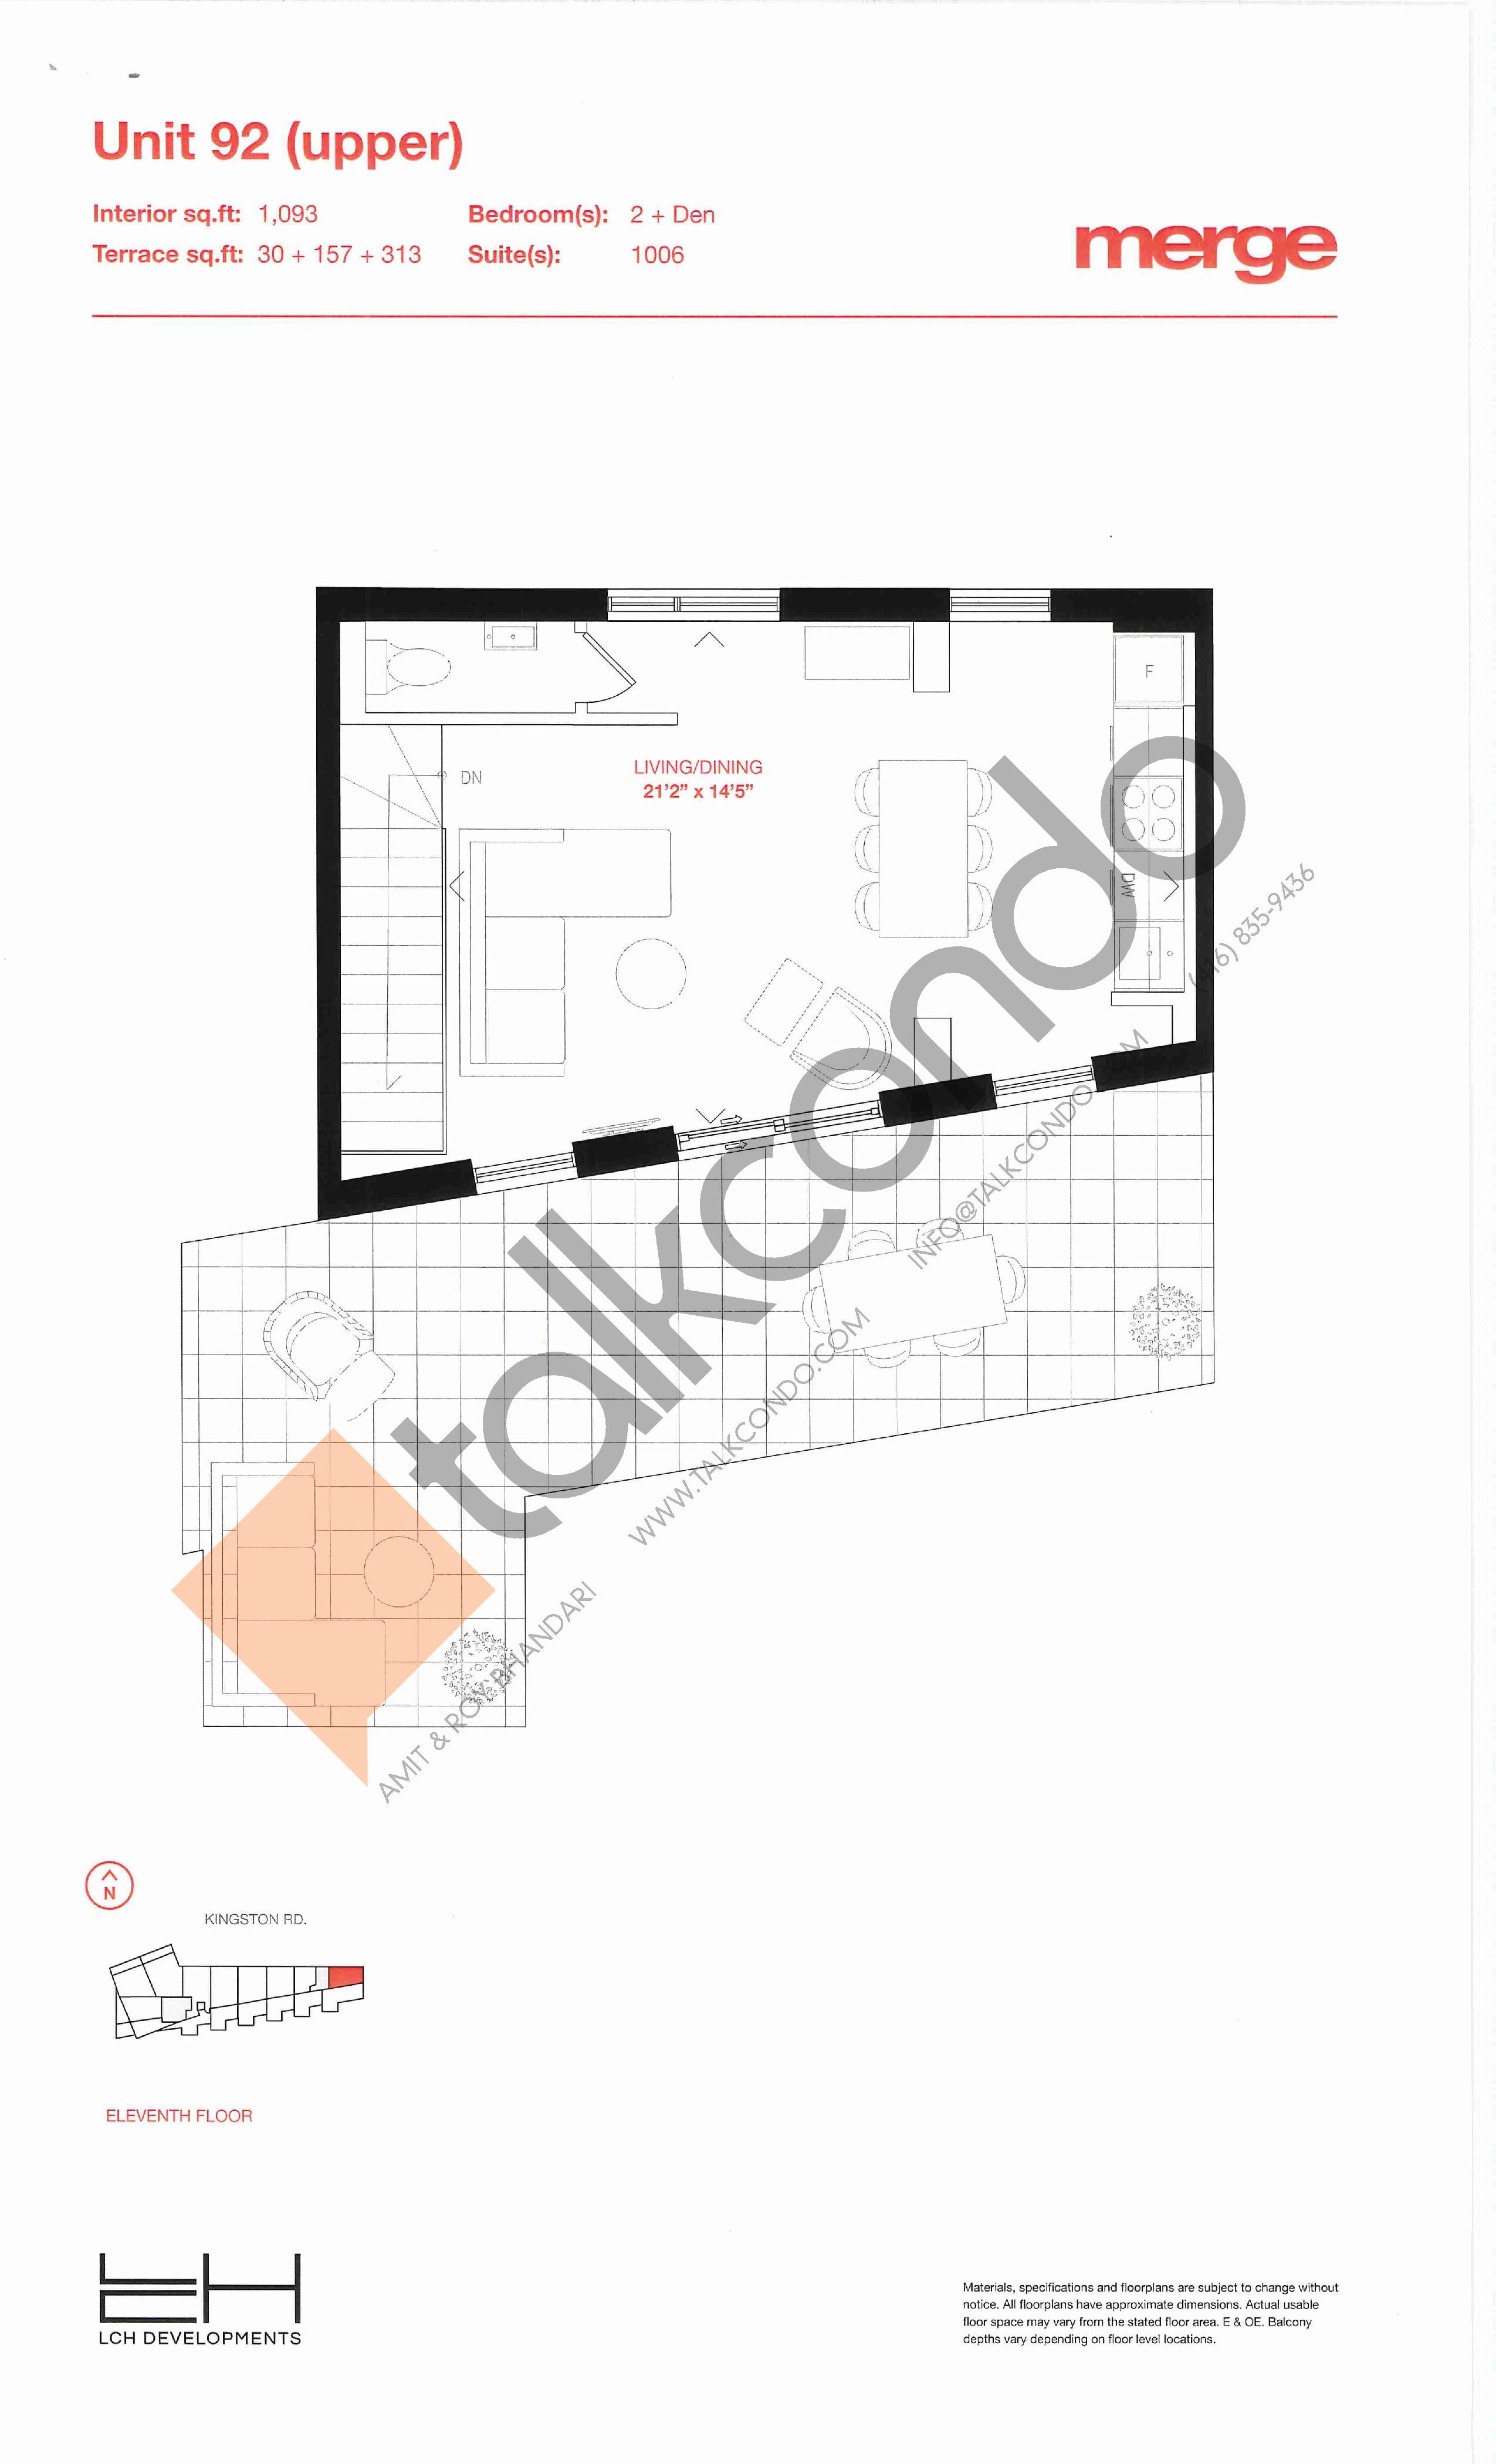 Unit 92 (Upper) Floor Plan at Merge Condos - 1093 sq.ft